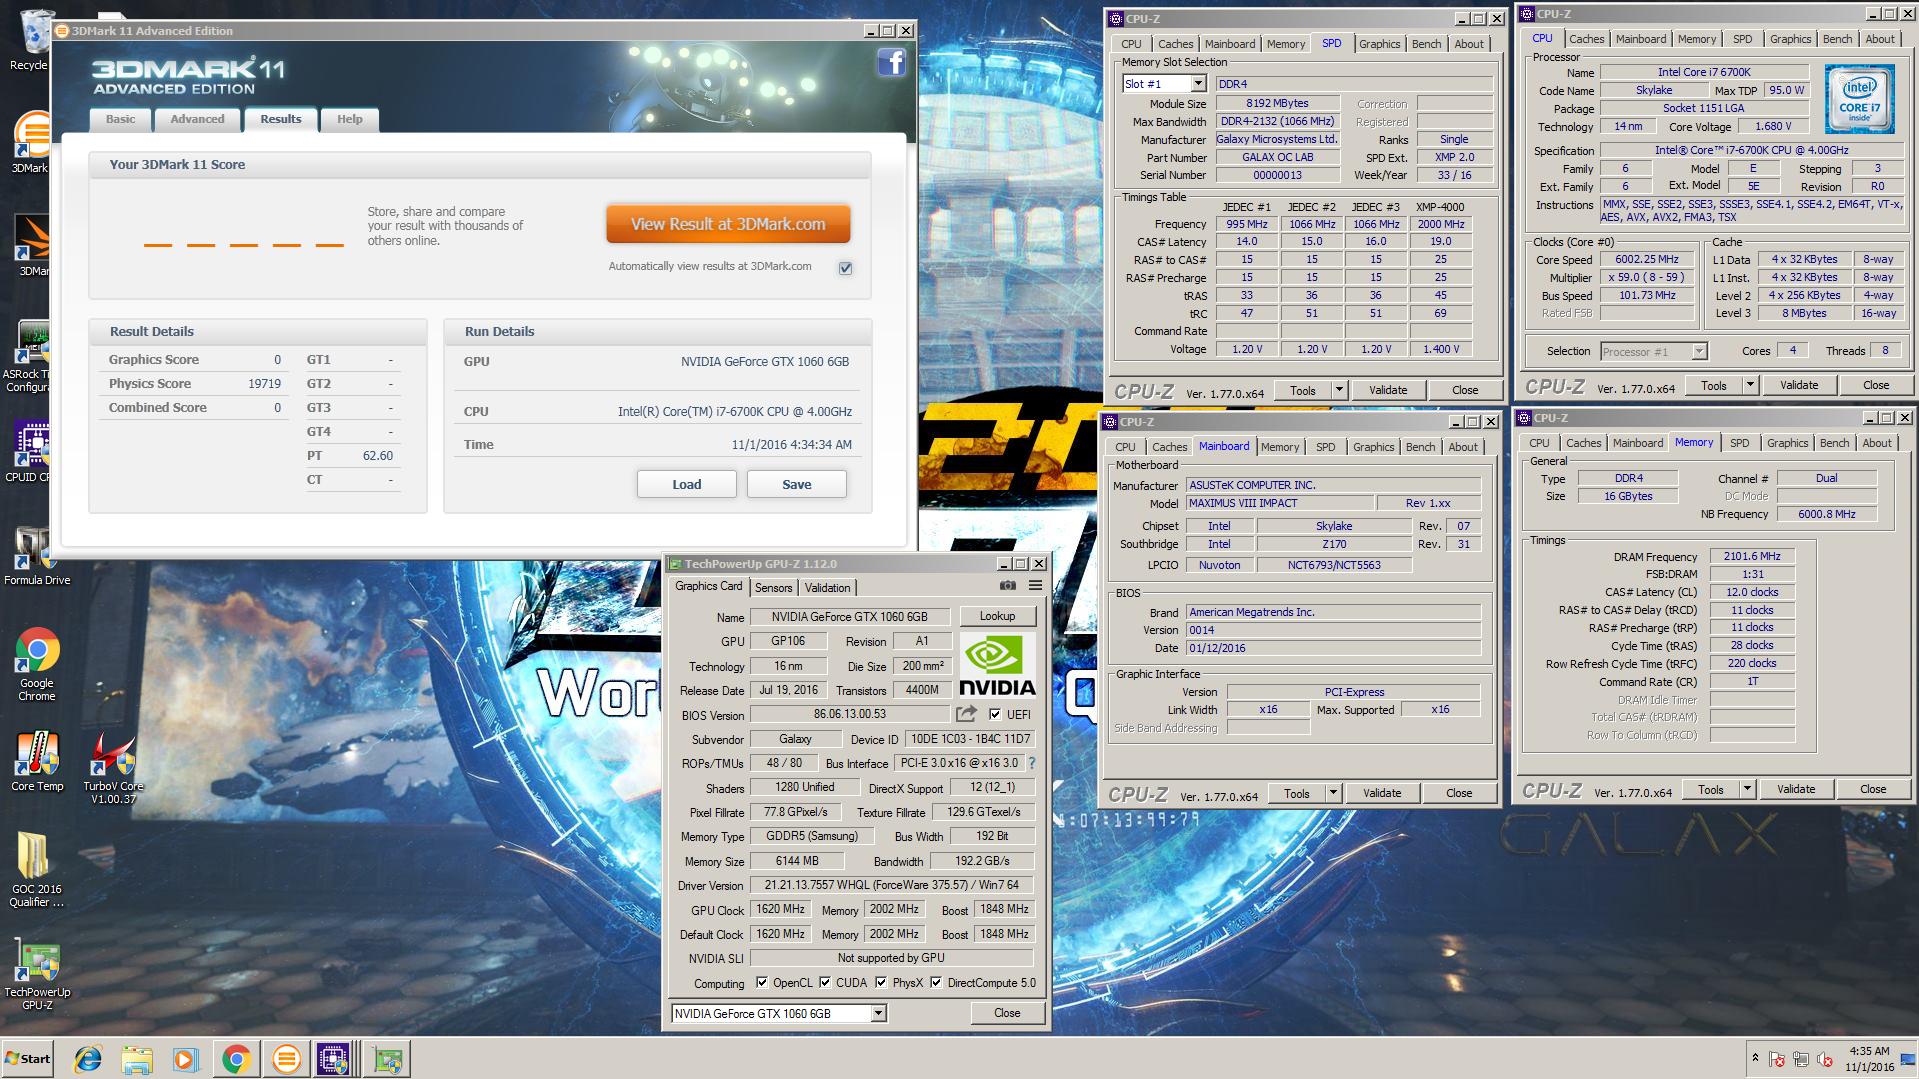 Galax HOF OC LAB Special Edition DDR4-4000 16GB